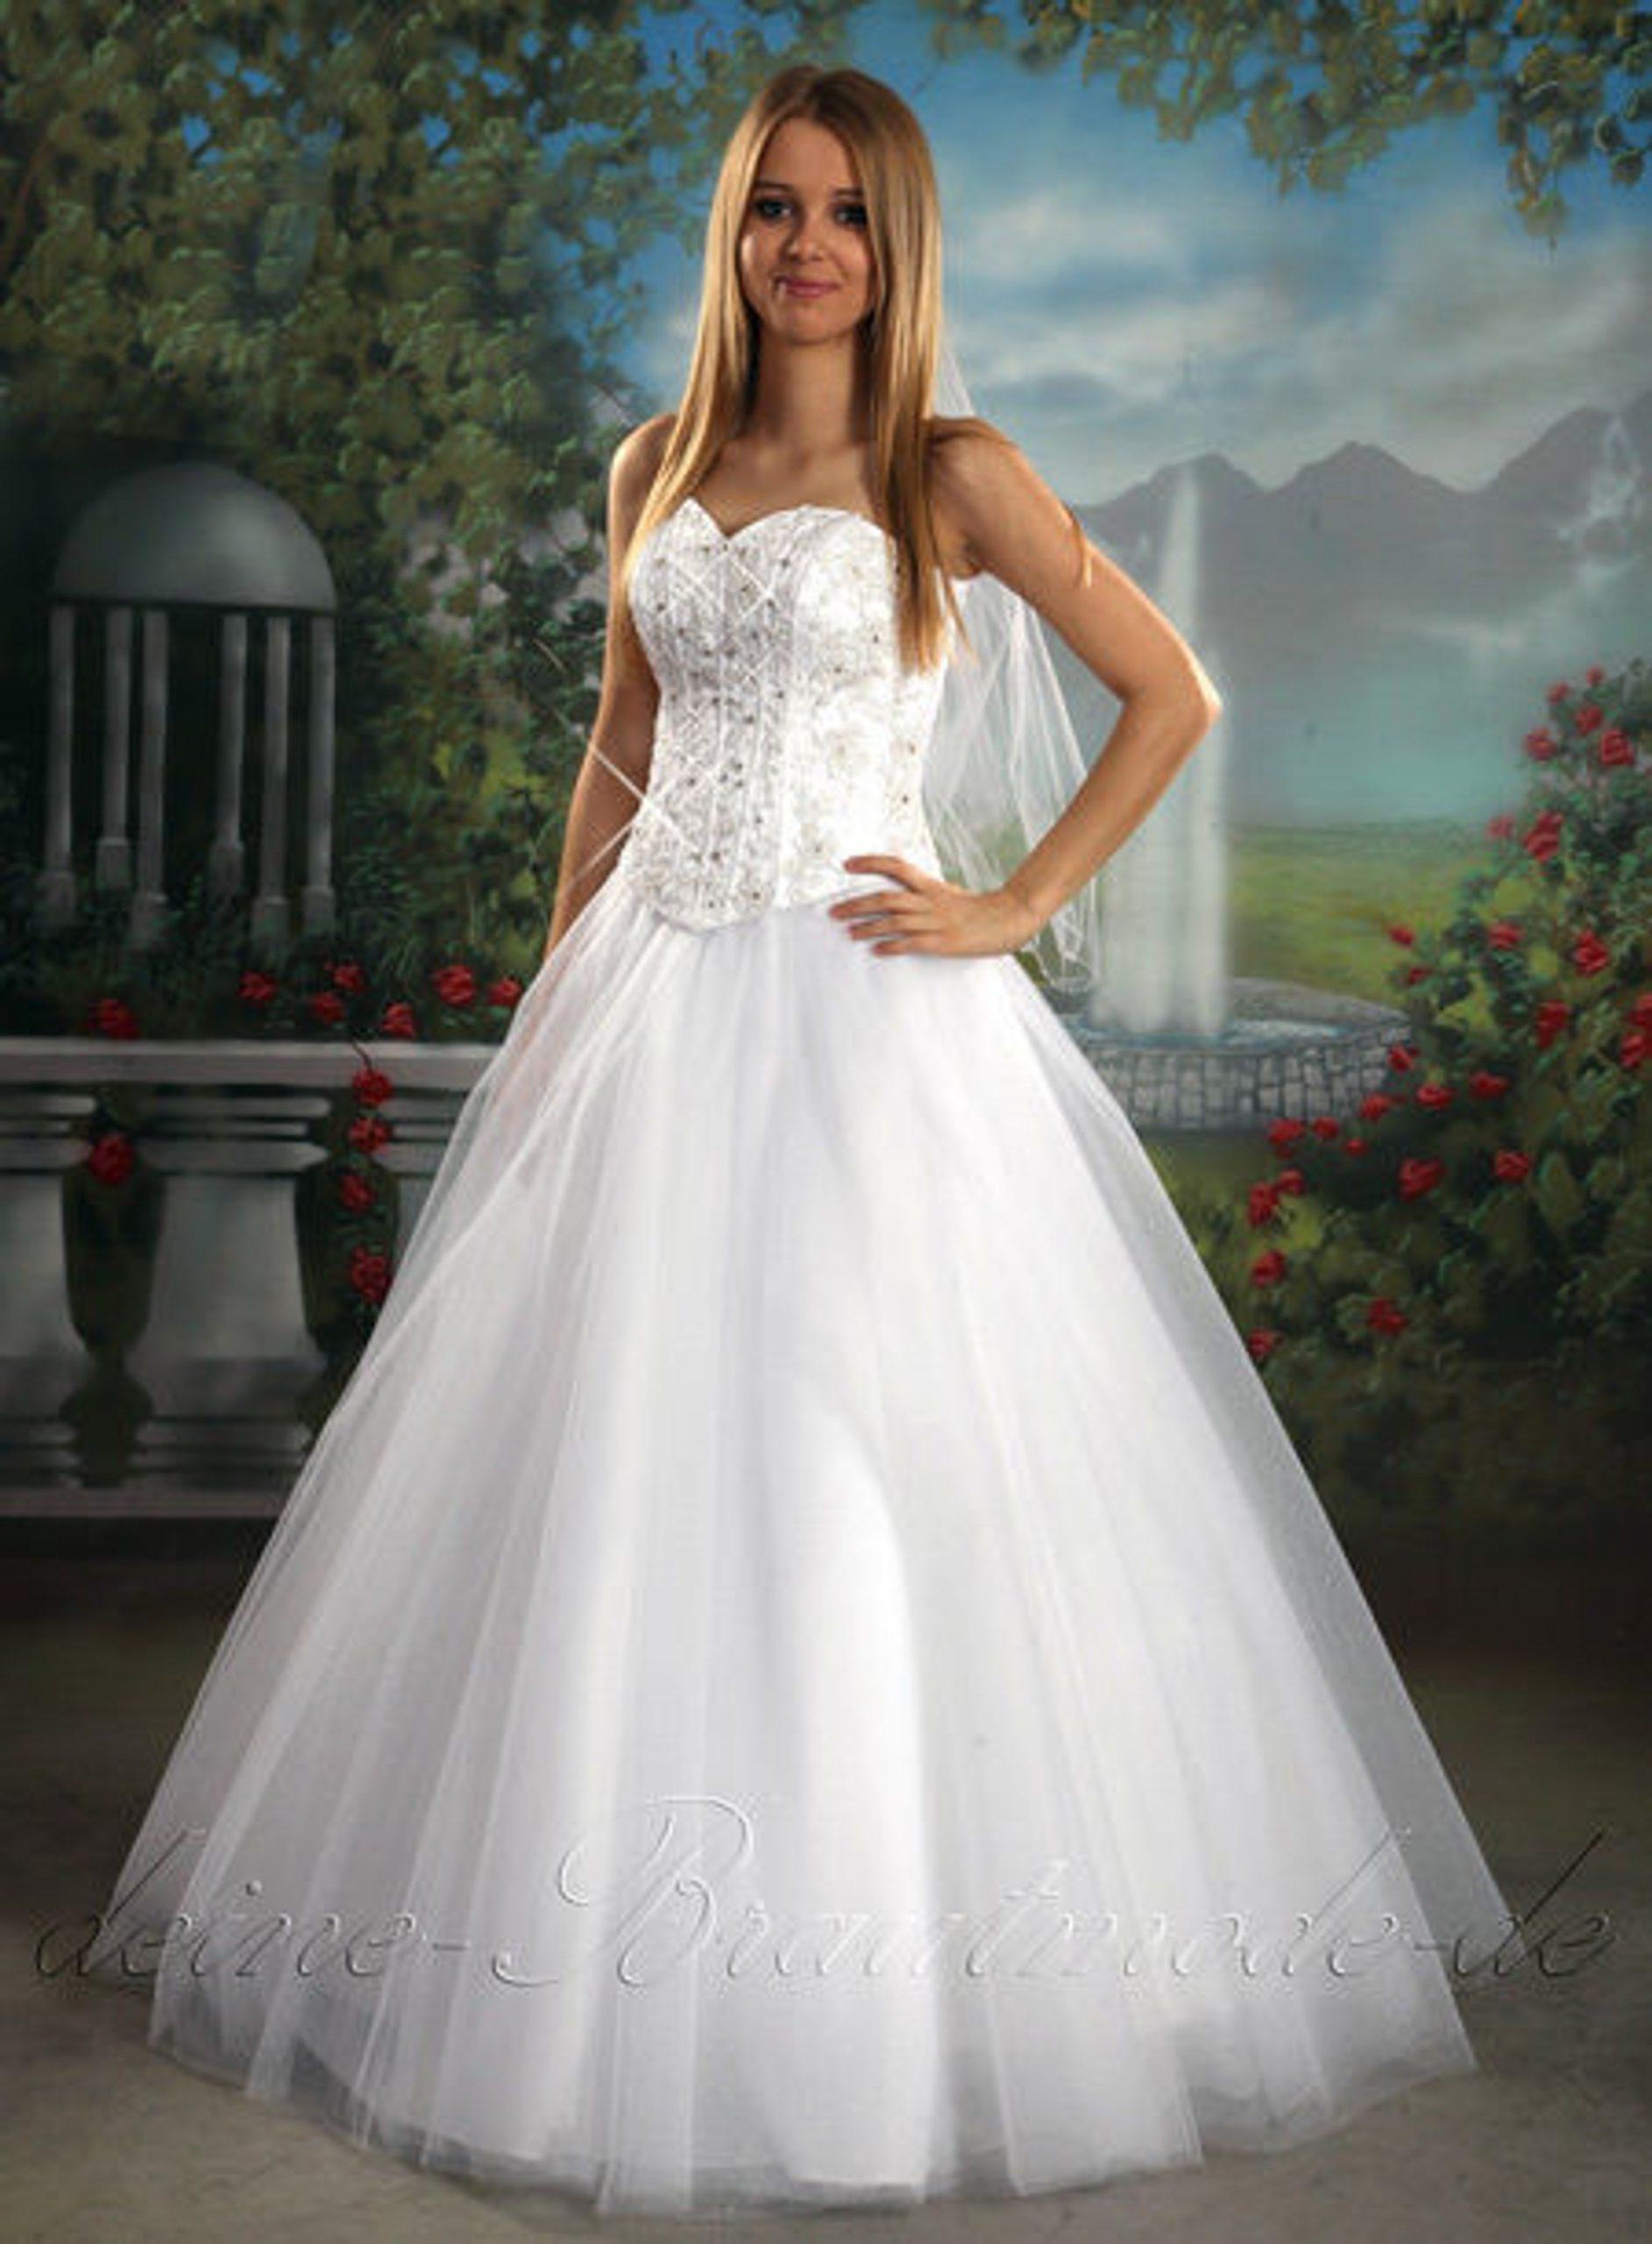 Brautkleid Schleppe Dreiteiler Hochzeitskleid Asfour Kristallen Kleid  Hochzeit